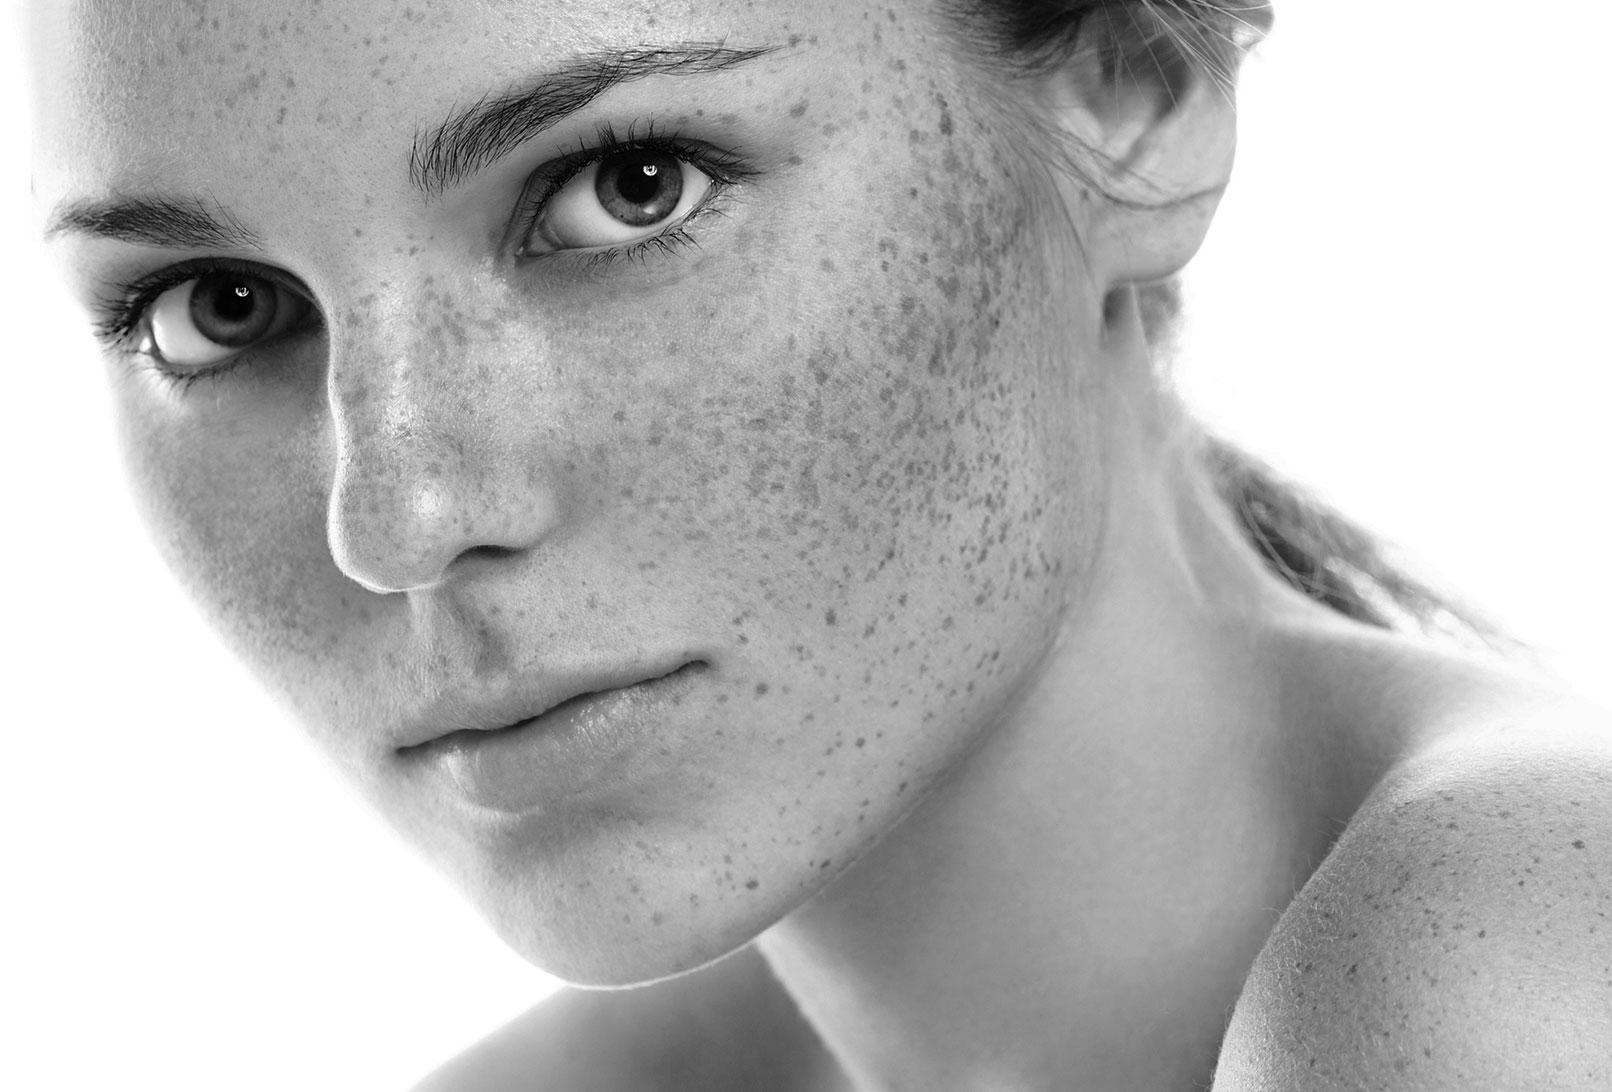 Chirurgie réparatrice du visage à Lyon | Dr Durbec